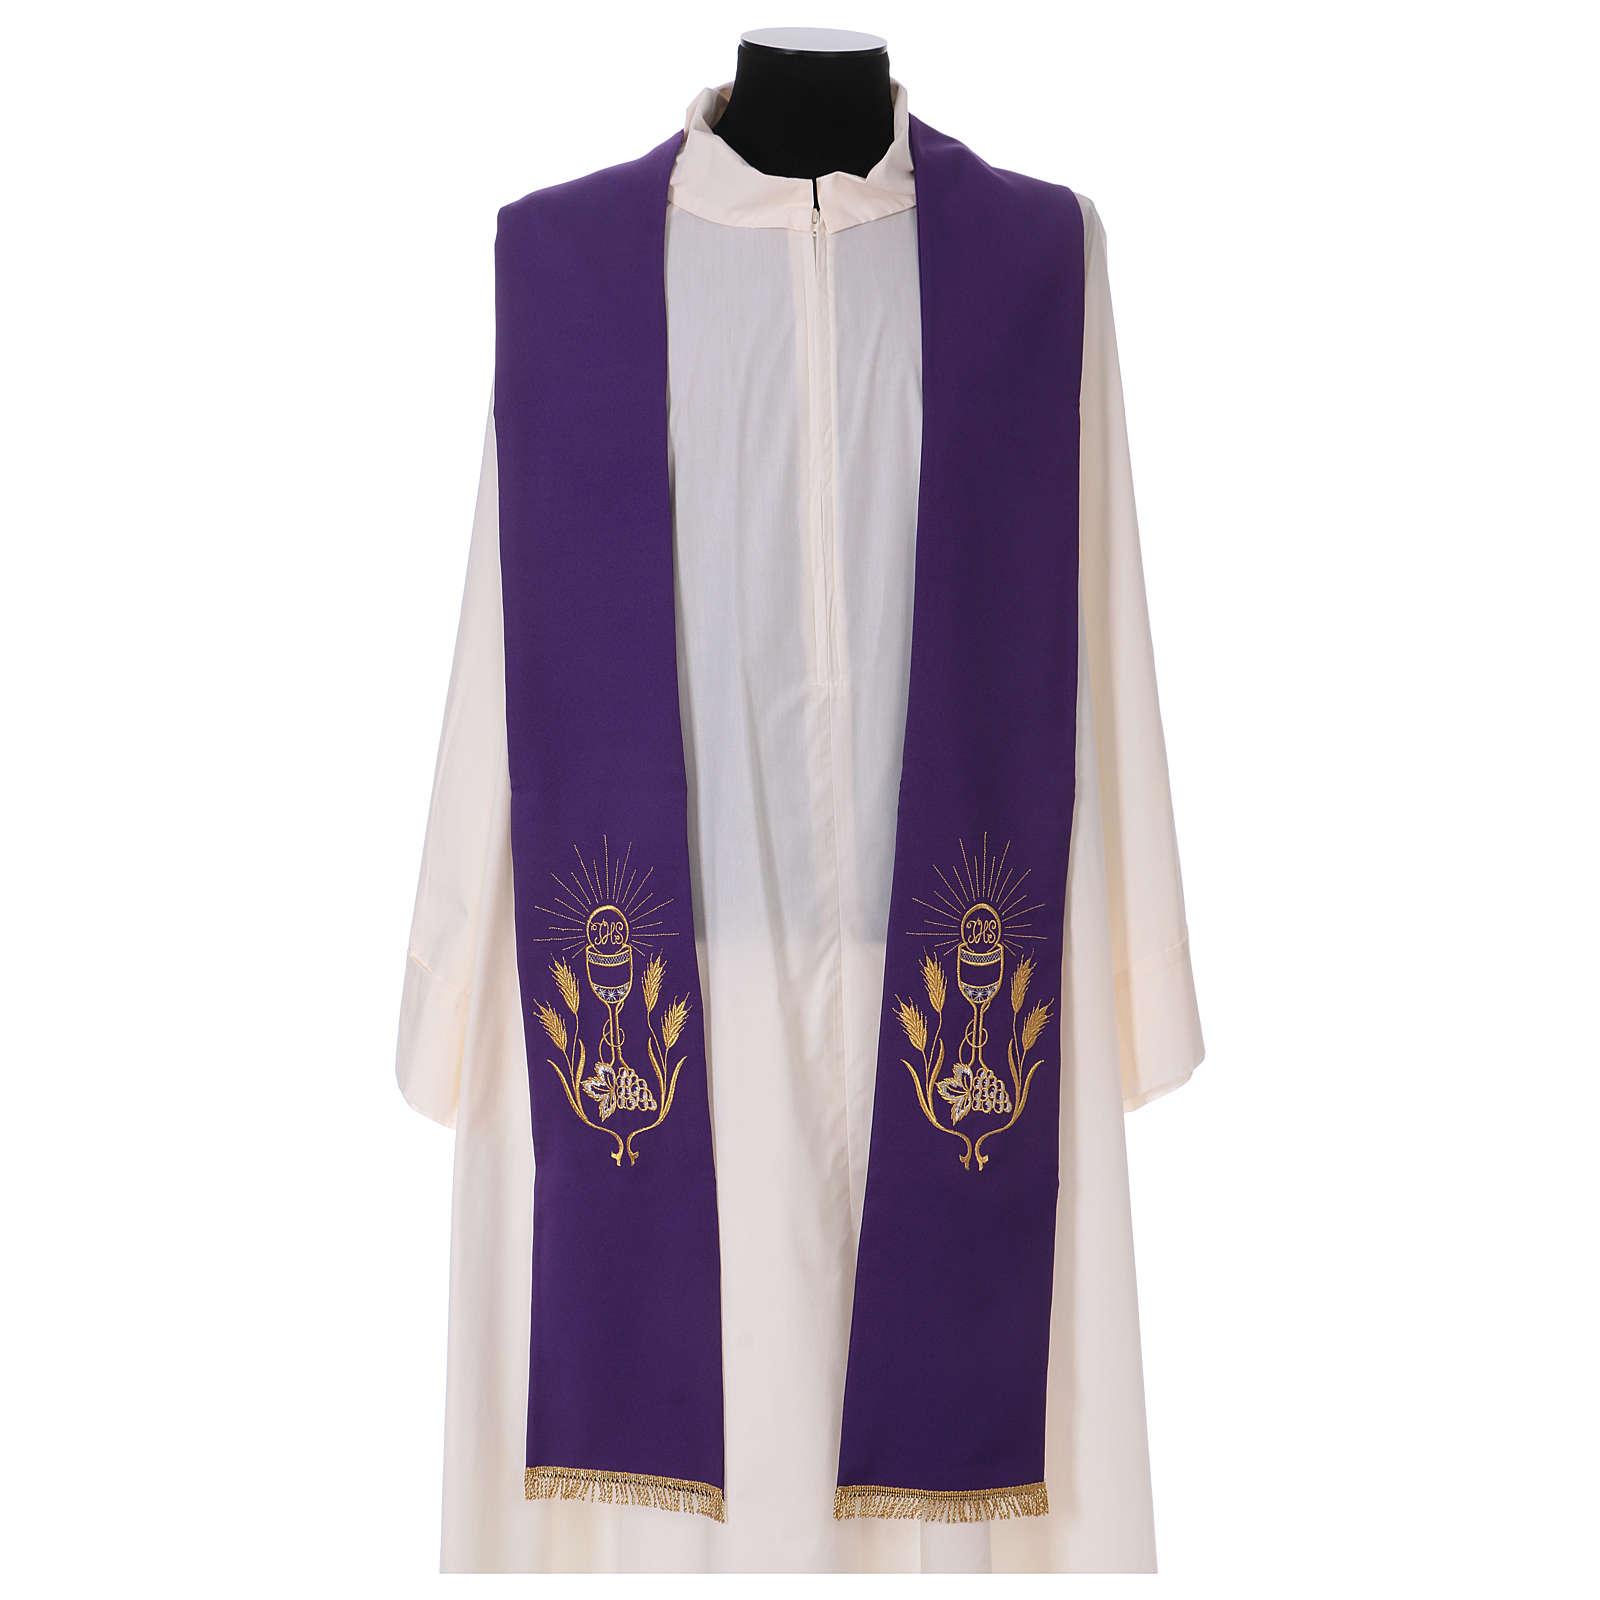 Étole broderie calice raisin épis or et argent sur deux côtés Vatican 4